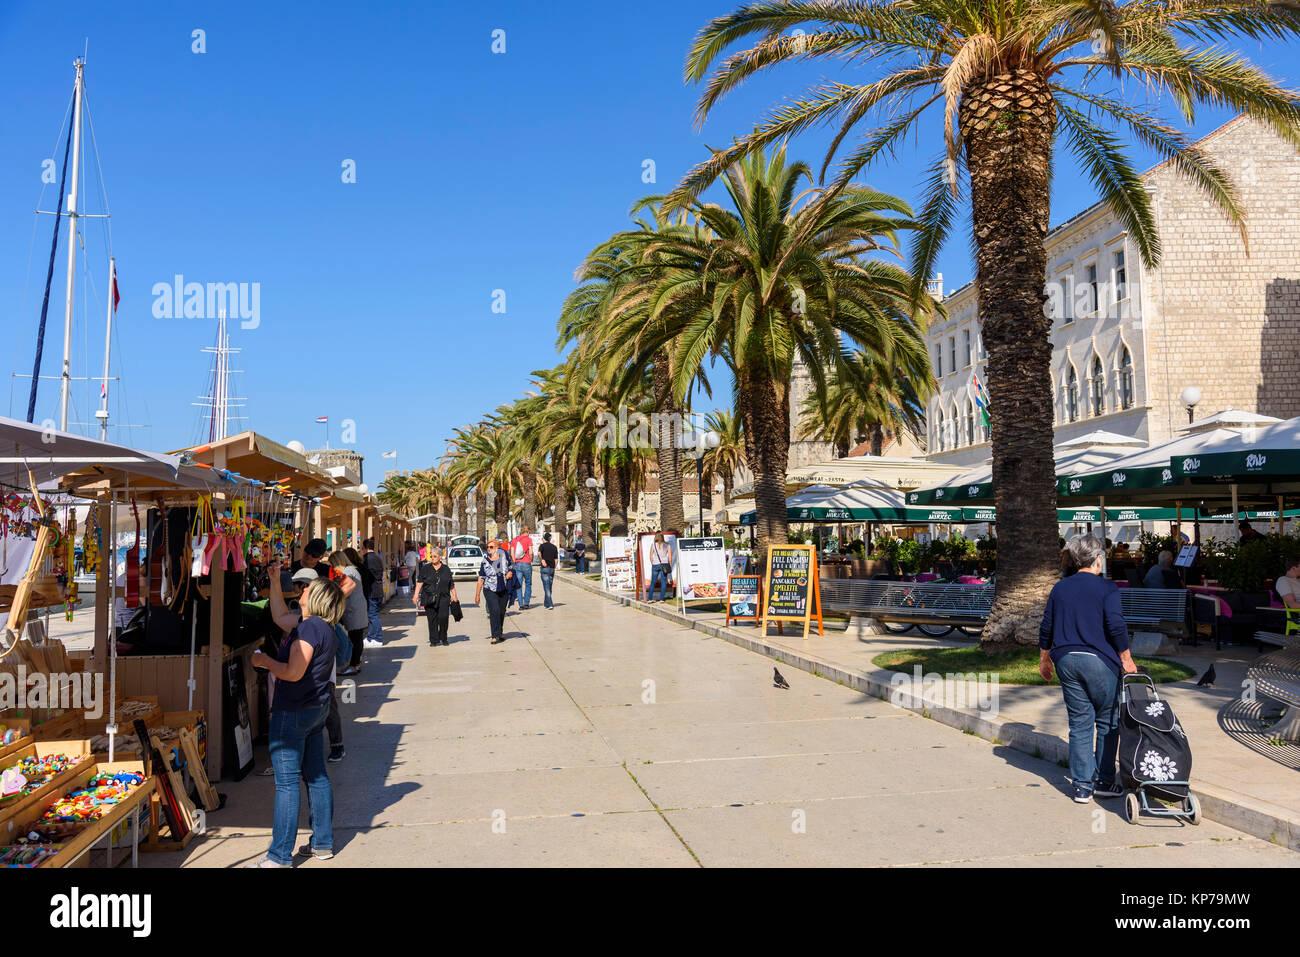 Sea front promenade. Trogir Old Town, Croatia - Stock Image